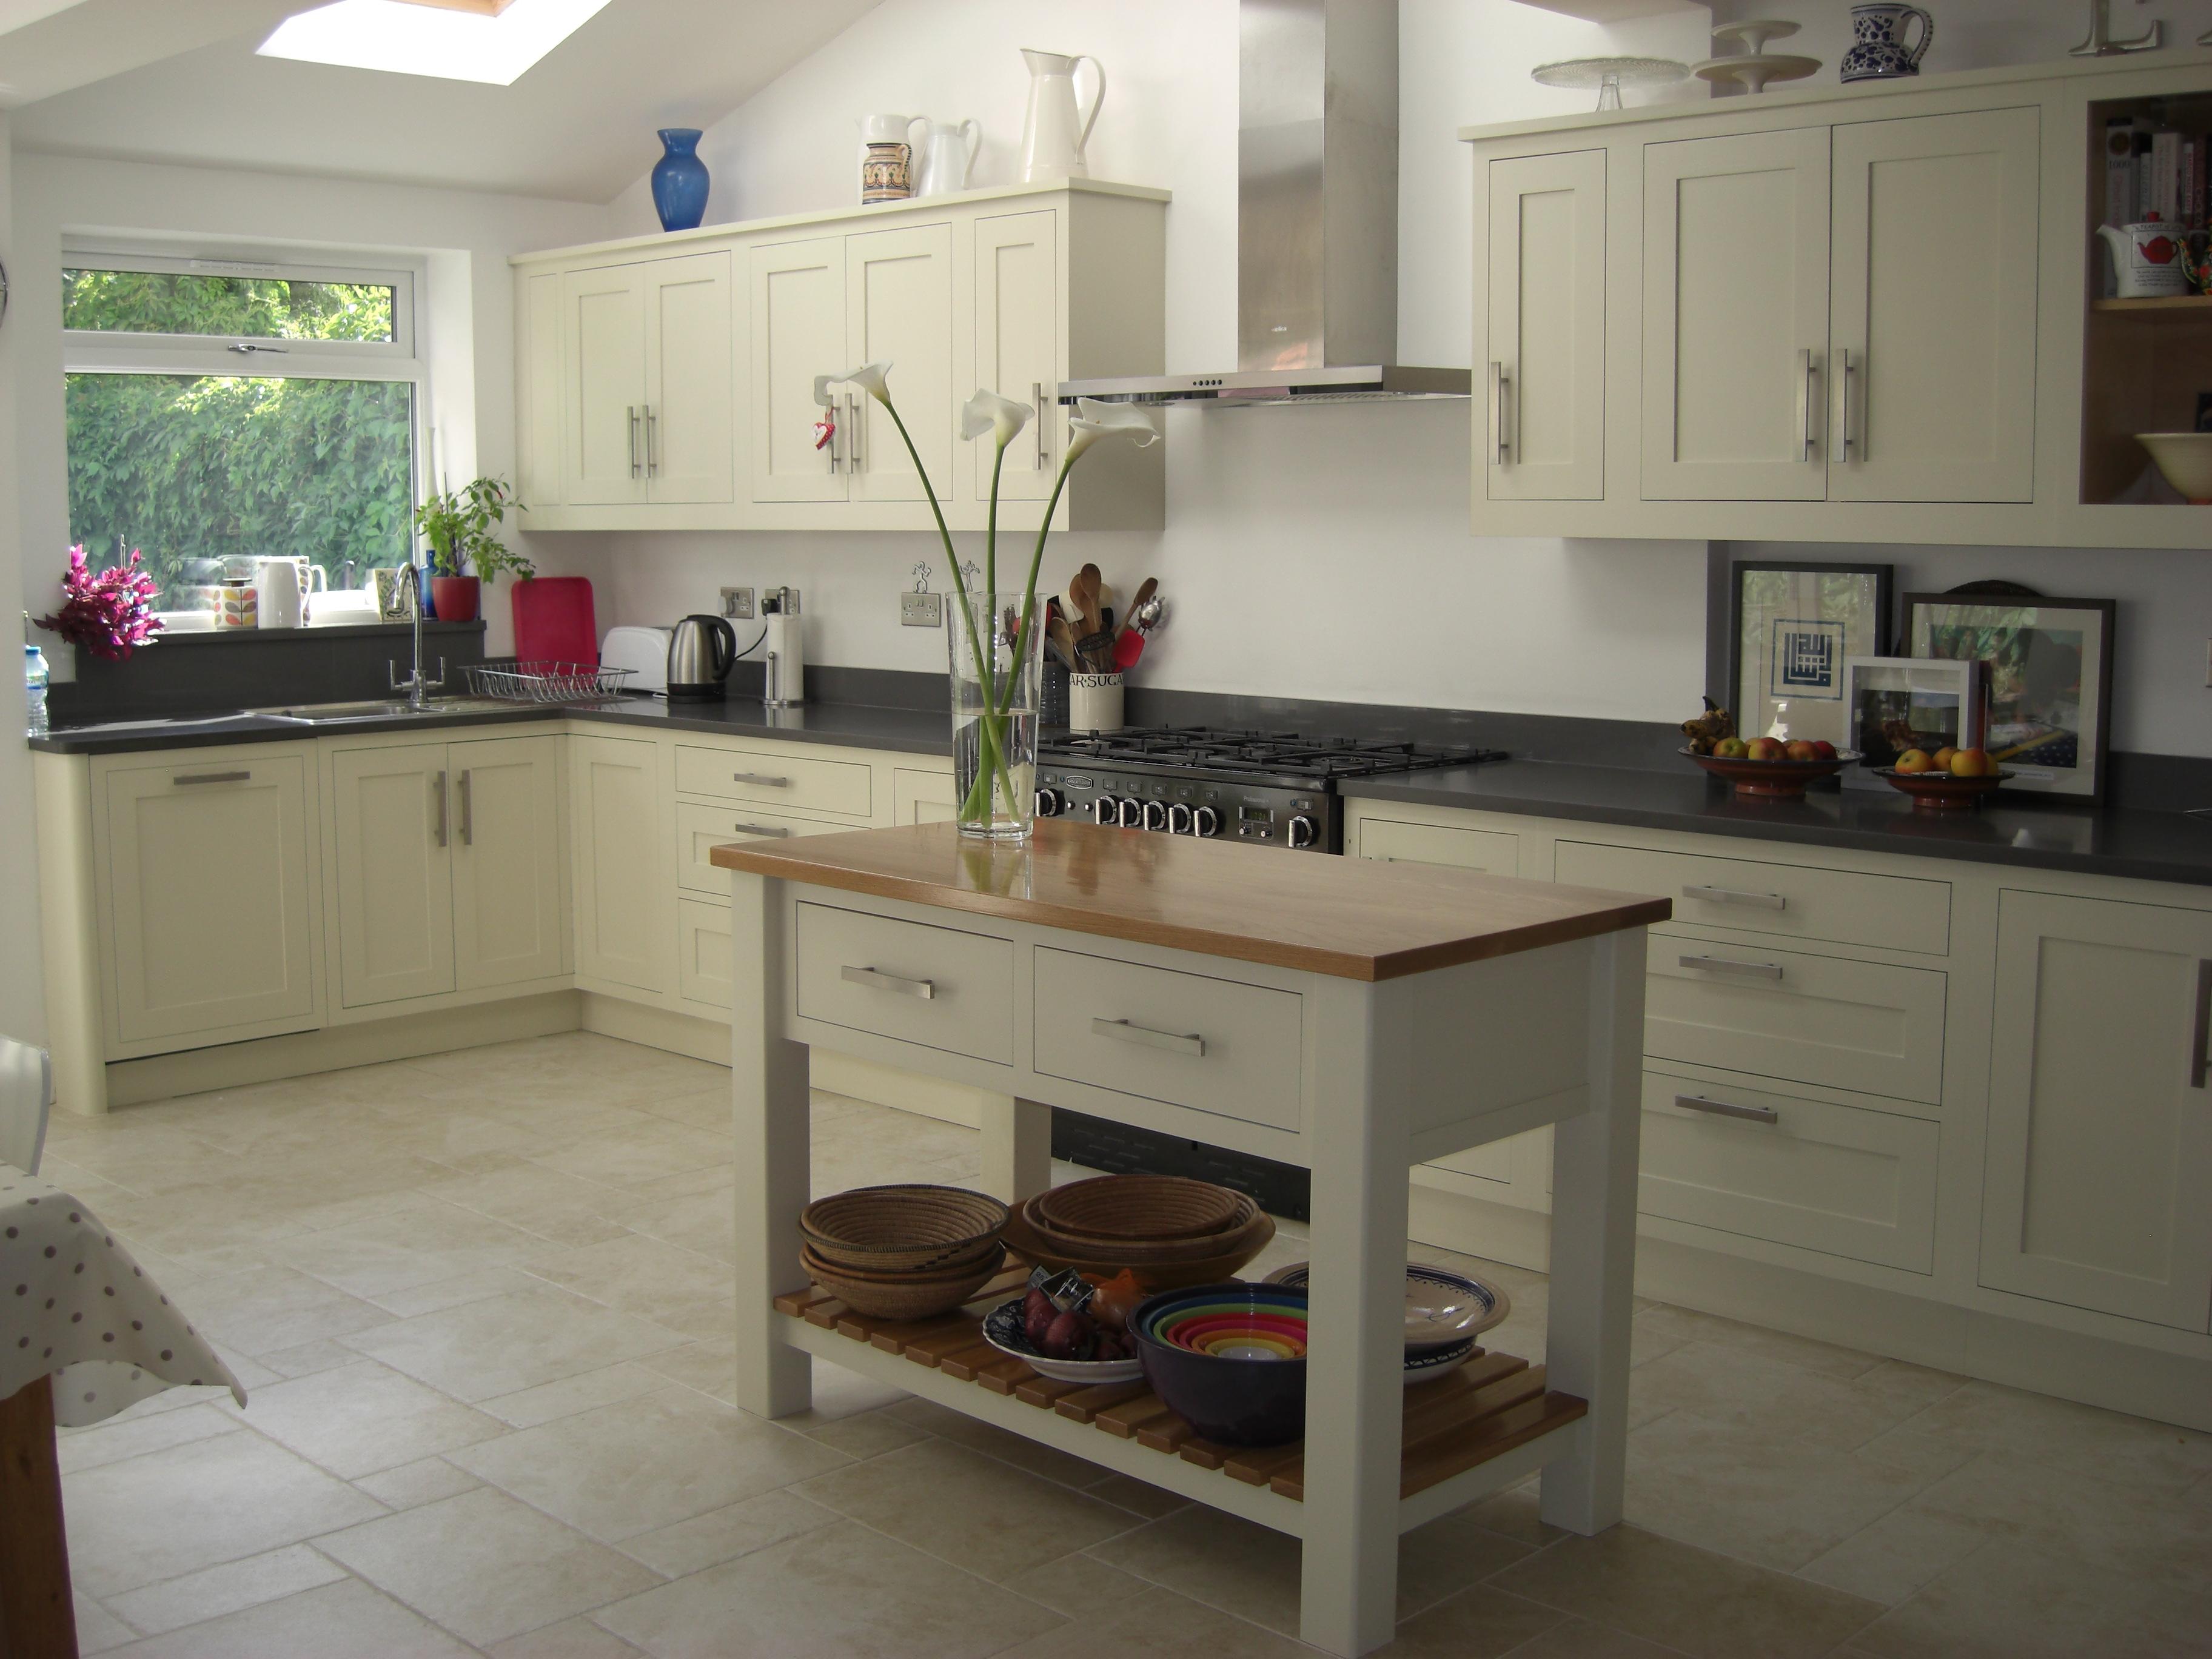 Kitchen Diner in Kenton, Middlesex | Celtica Kitchens